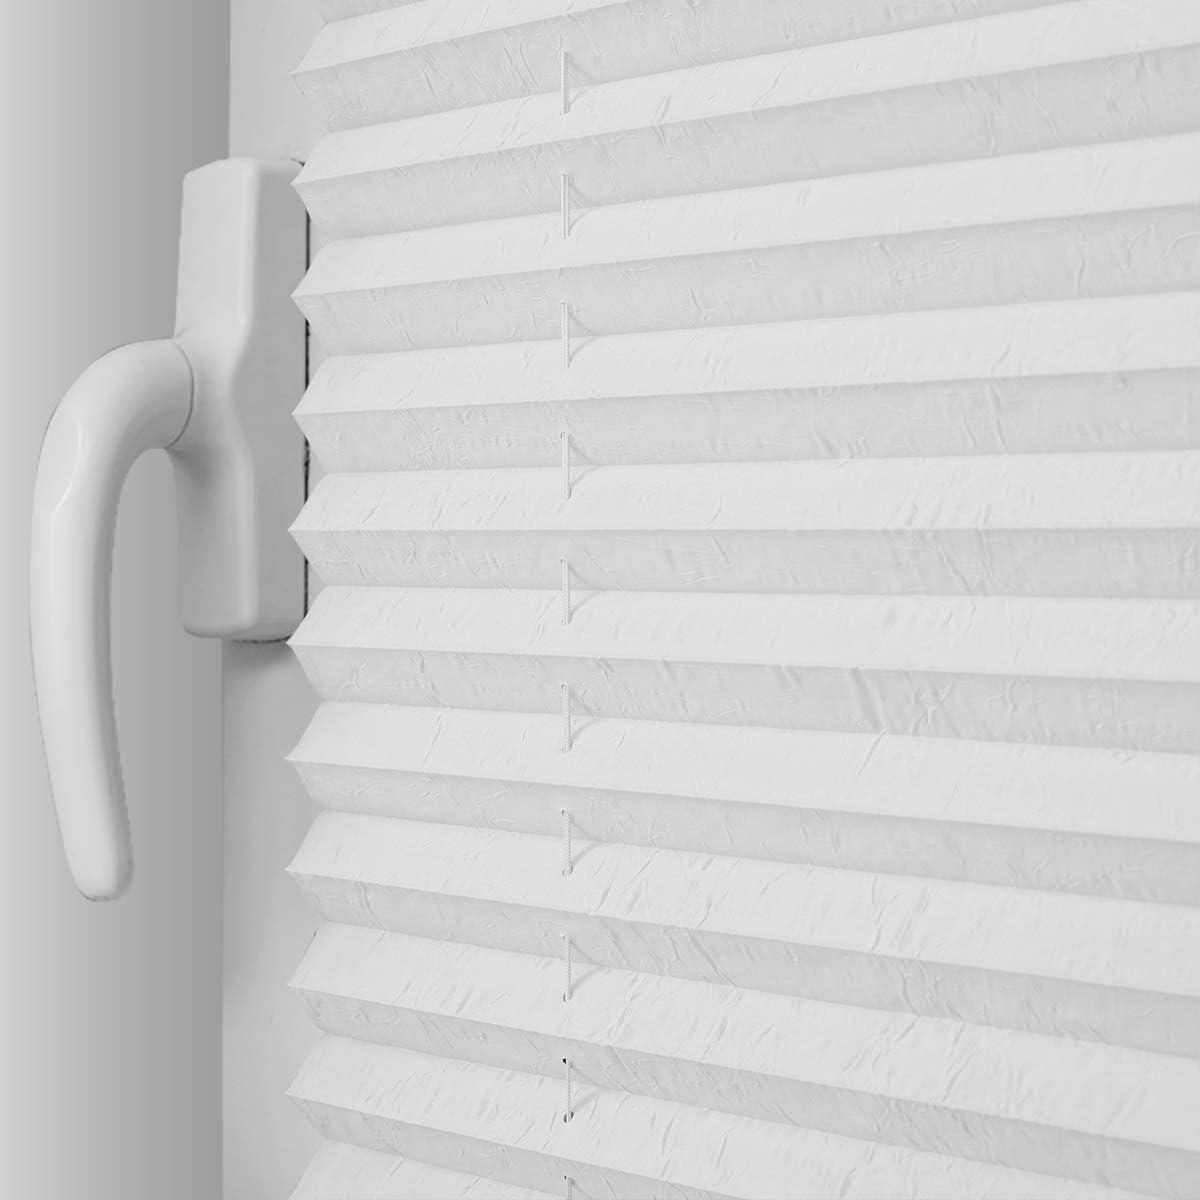 Rollo Sichtschutz und Sonnenschutz Blickdicht Sonnenschutz Jalousie f/ür Fenster /& T/ür bobodeco Plissee Klemmfix Faltrollo ohne Bohren Jalousie Wei/ß,90x120cm